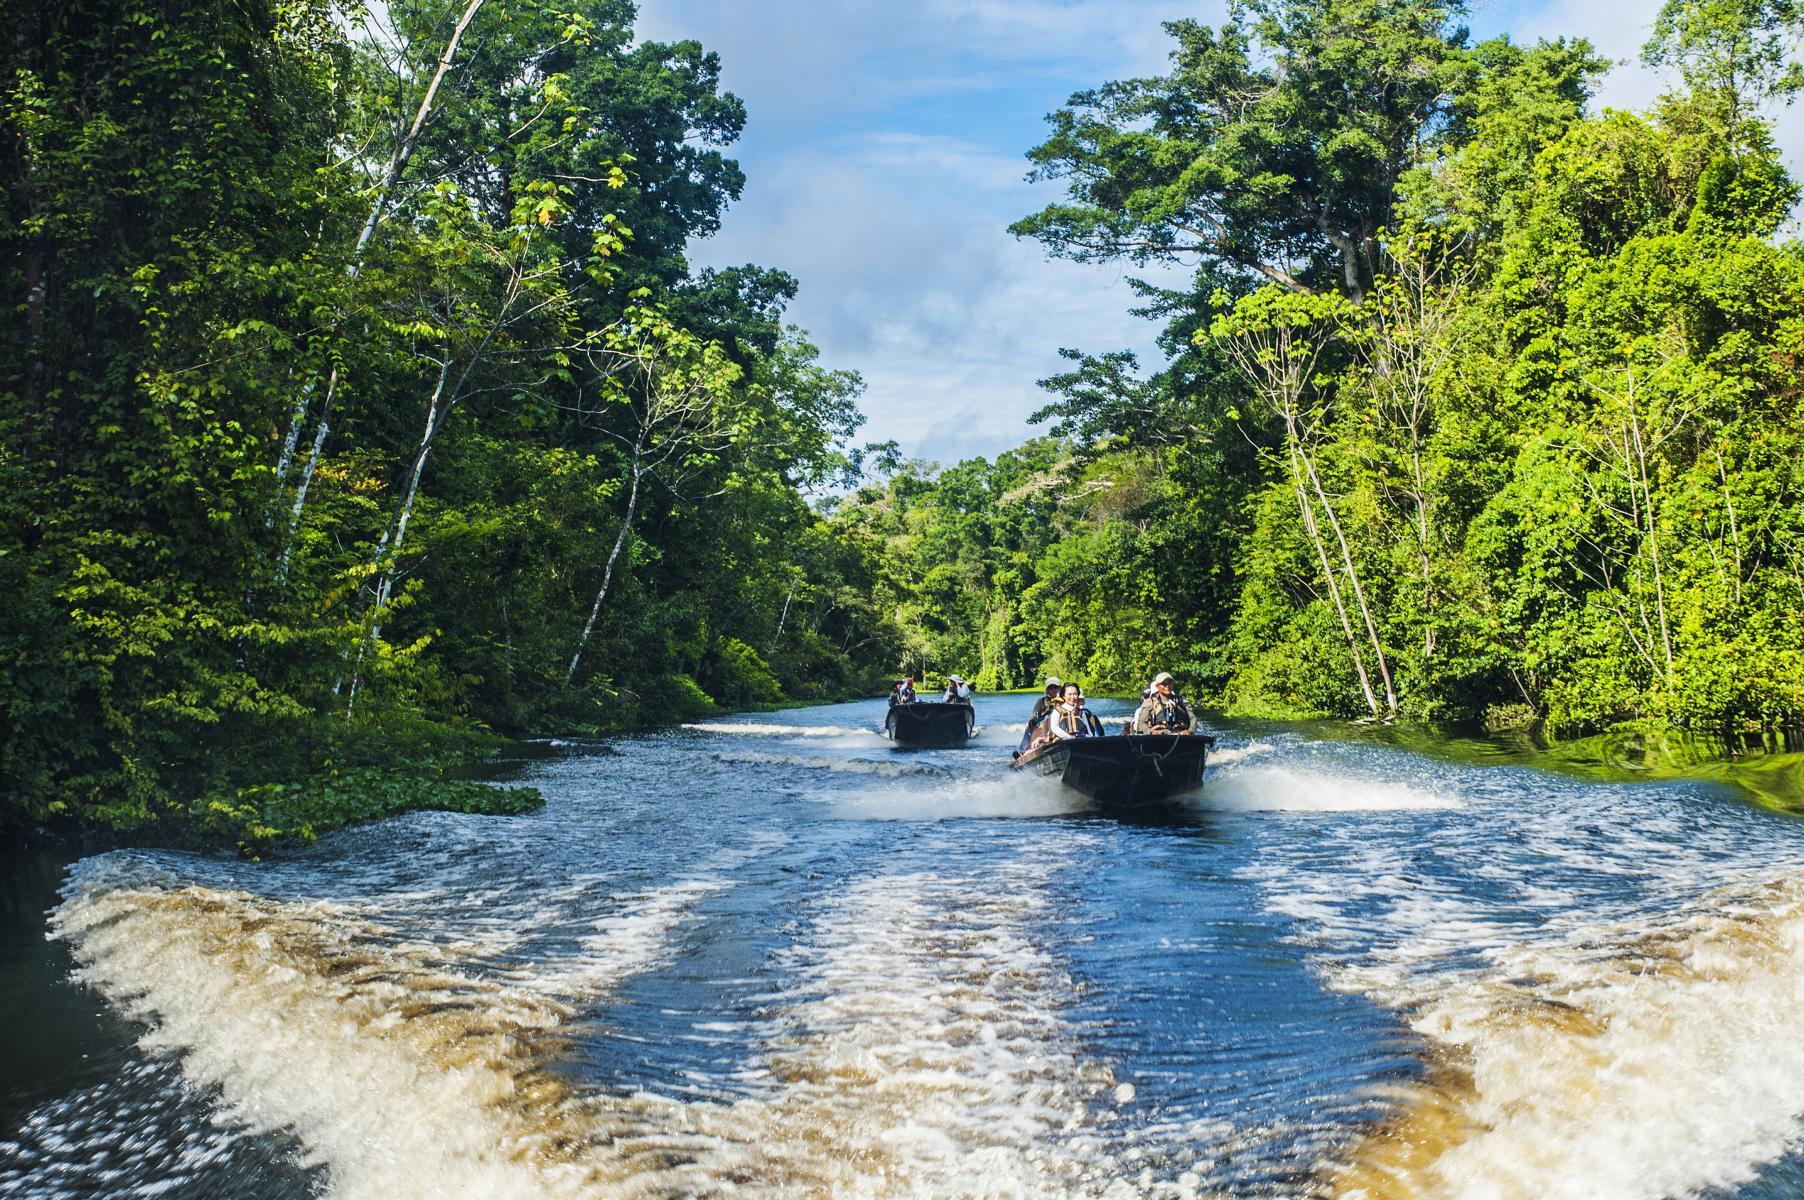 Tagesausflug mit Speedbooten der Aqua Nera auf dem Amazonas